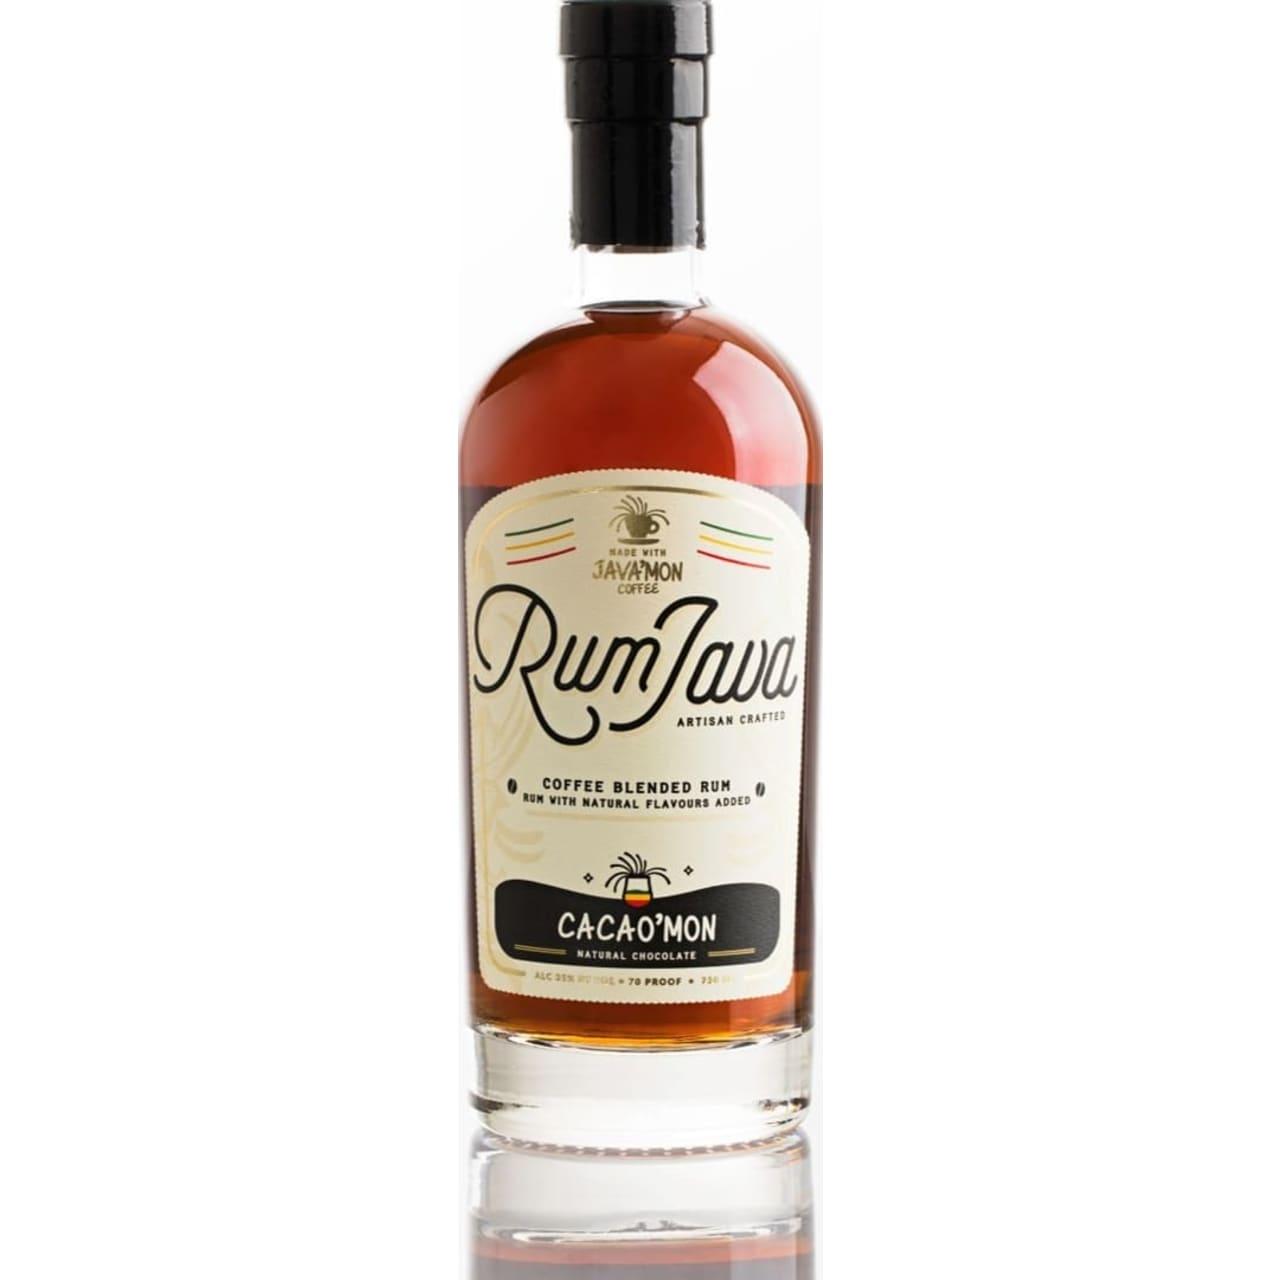 Product Image - RumJava CacaoMon Rum